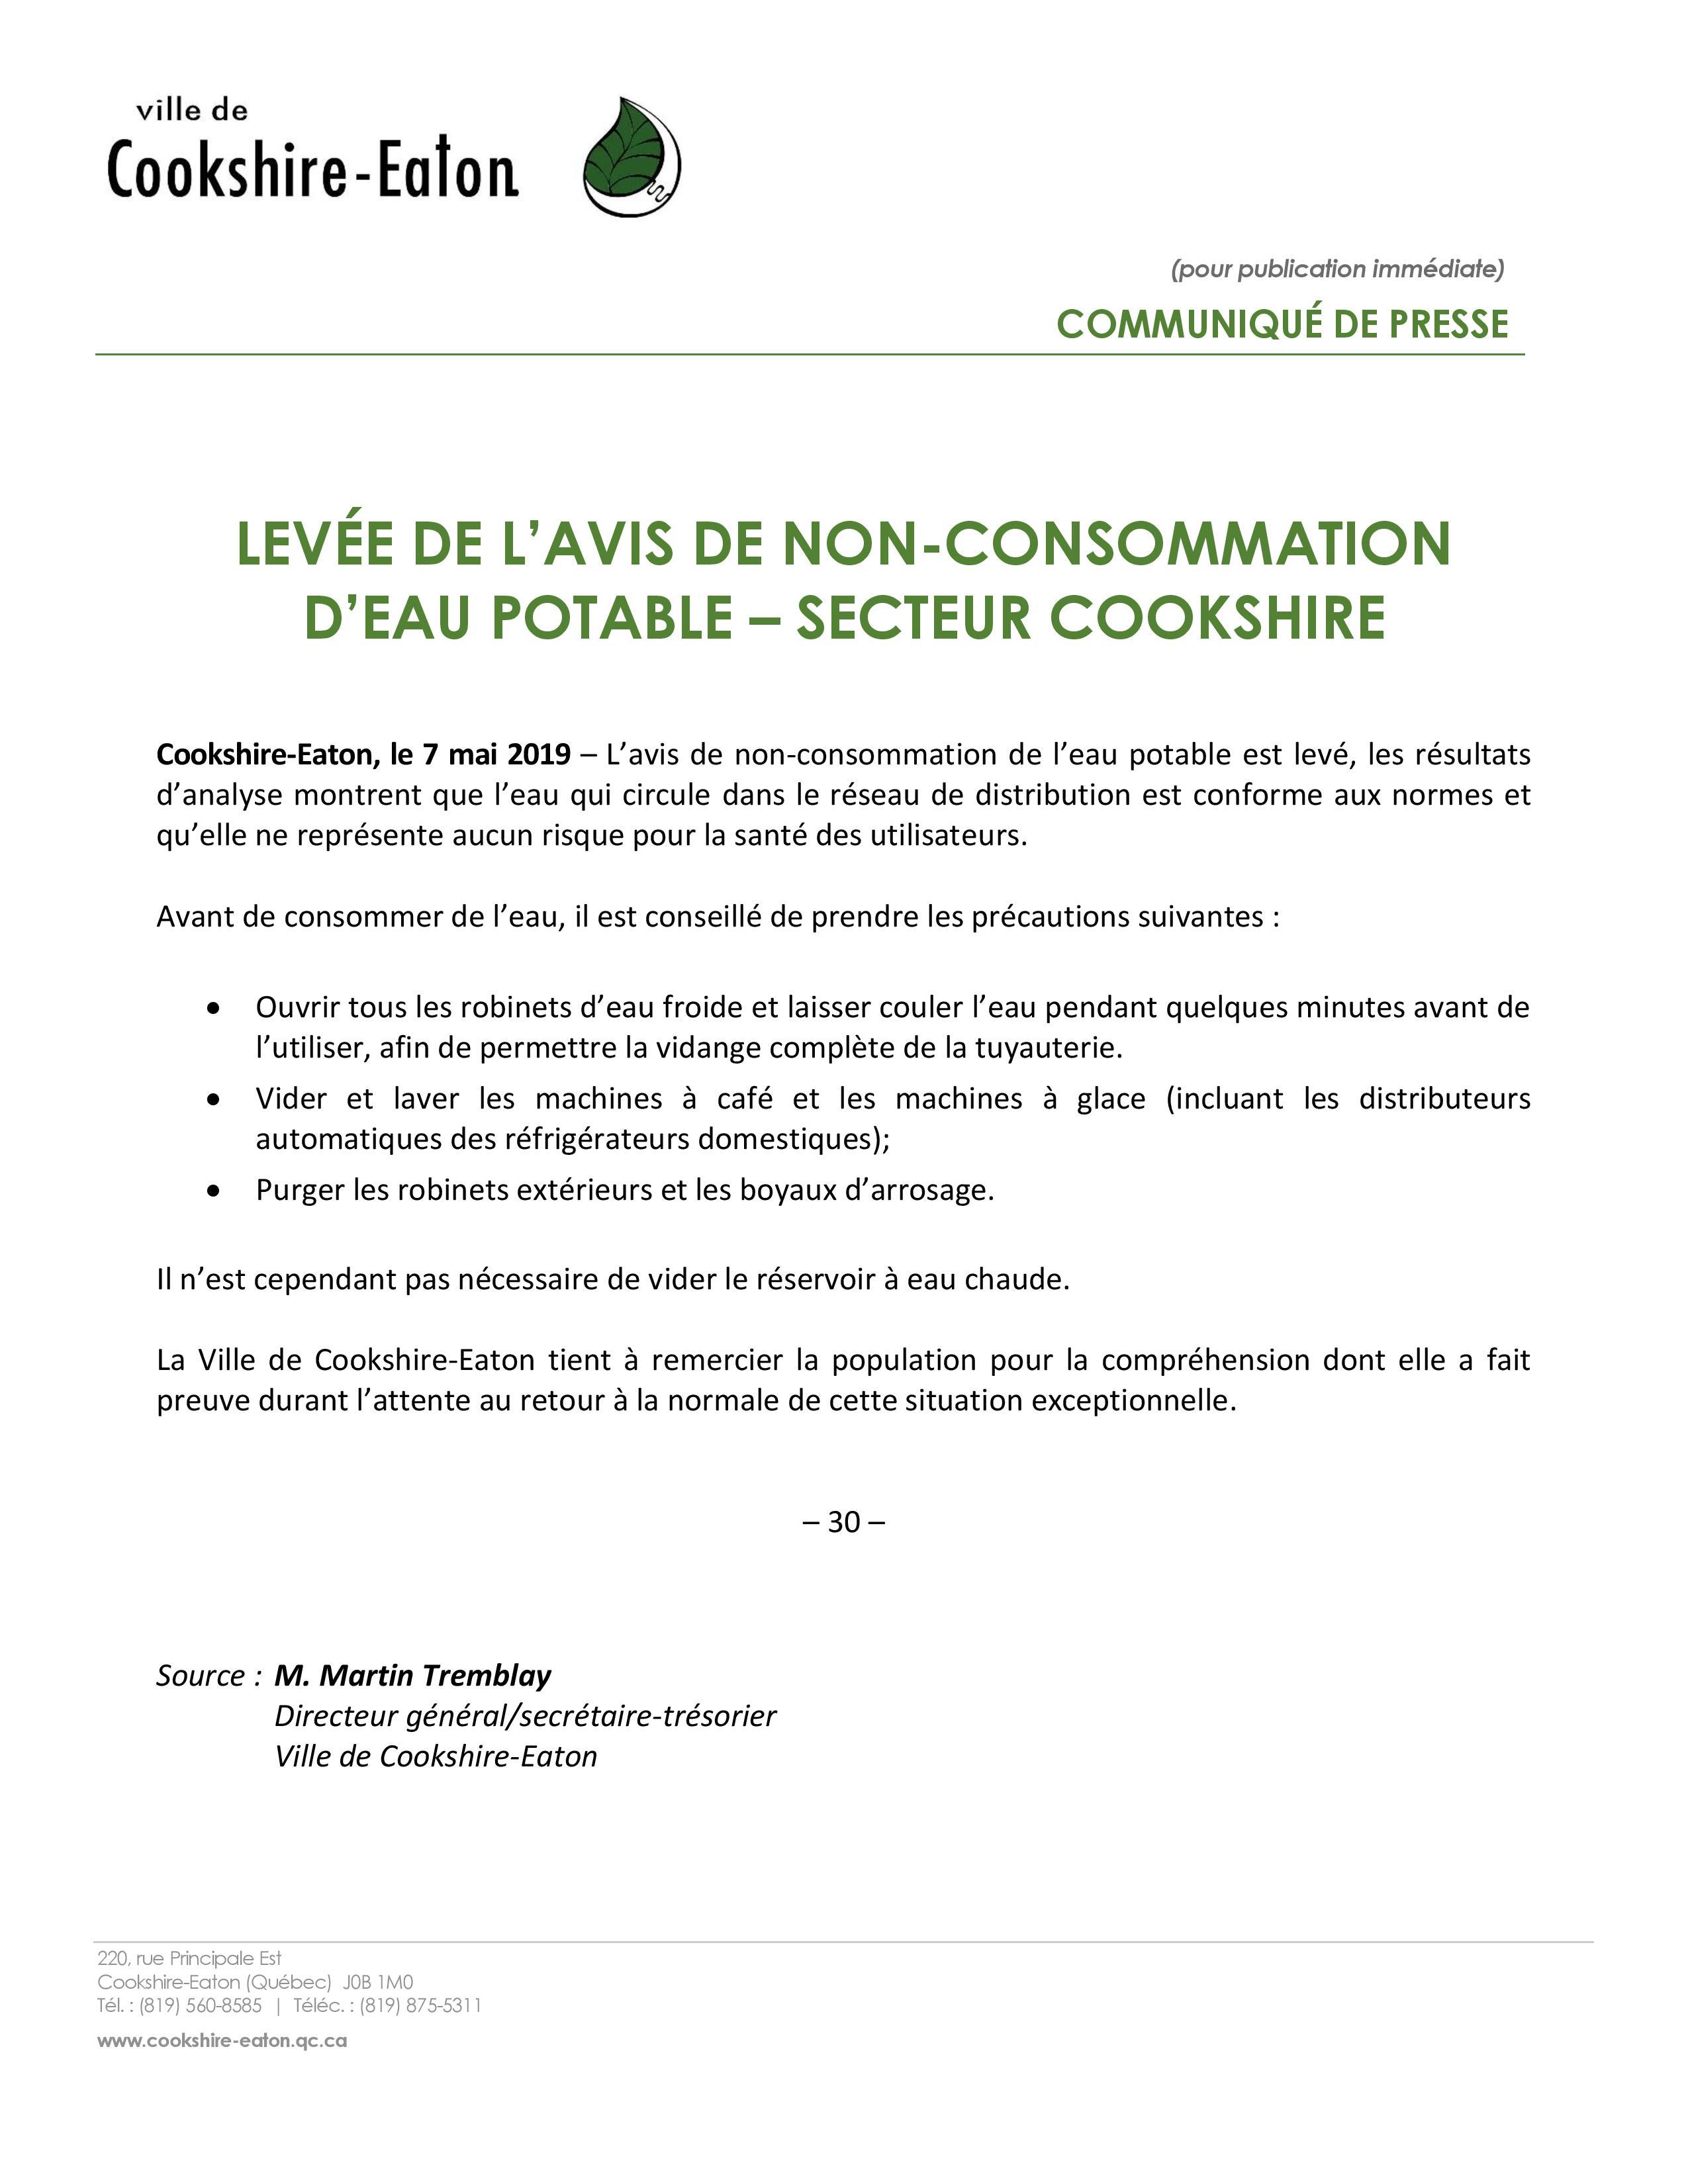 Public Déversement_Communiqué 2019-05-07-page-001 (2)